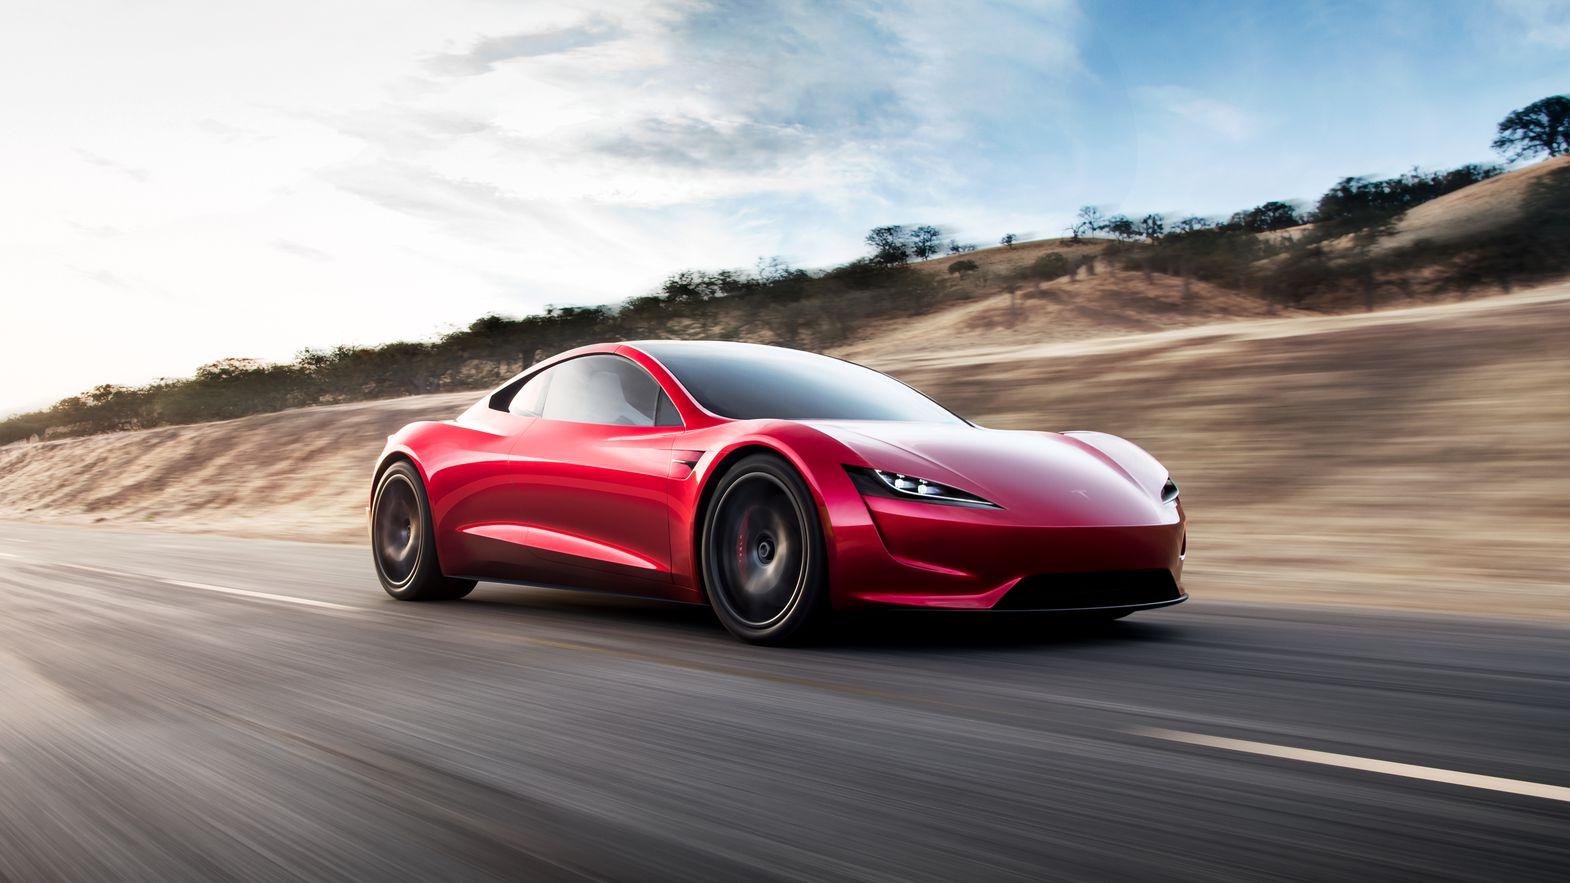 Илон Маск хочет сделать Tesla, способную свободно висеть в воздухе